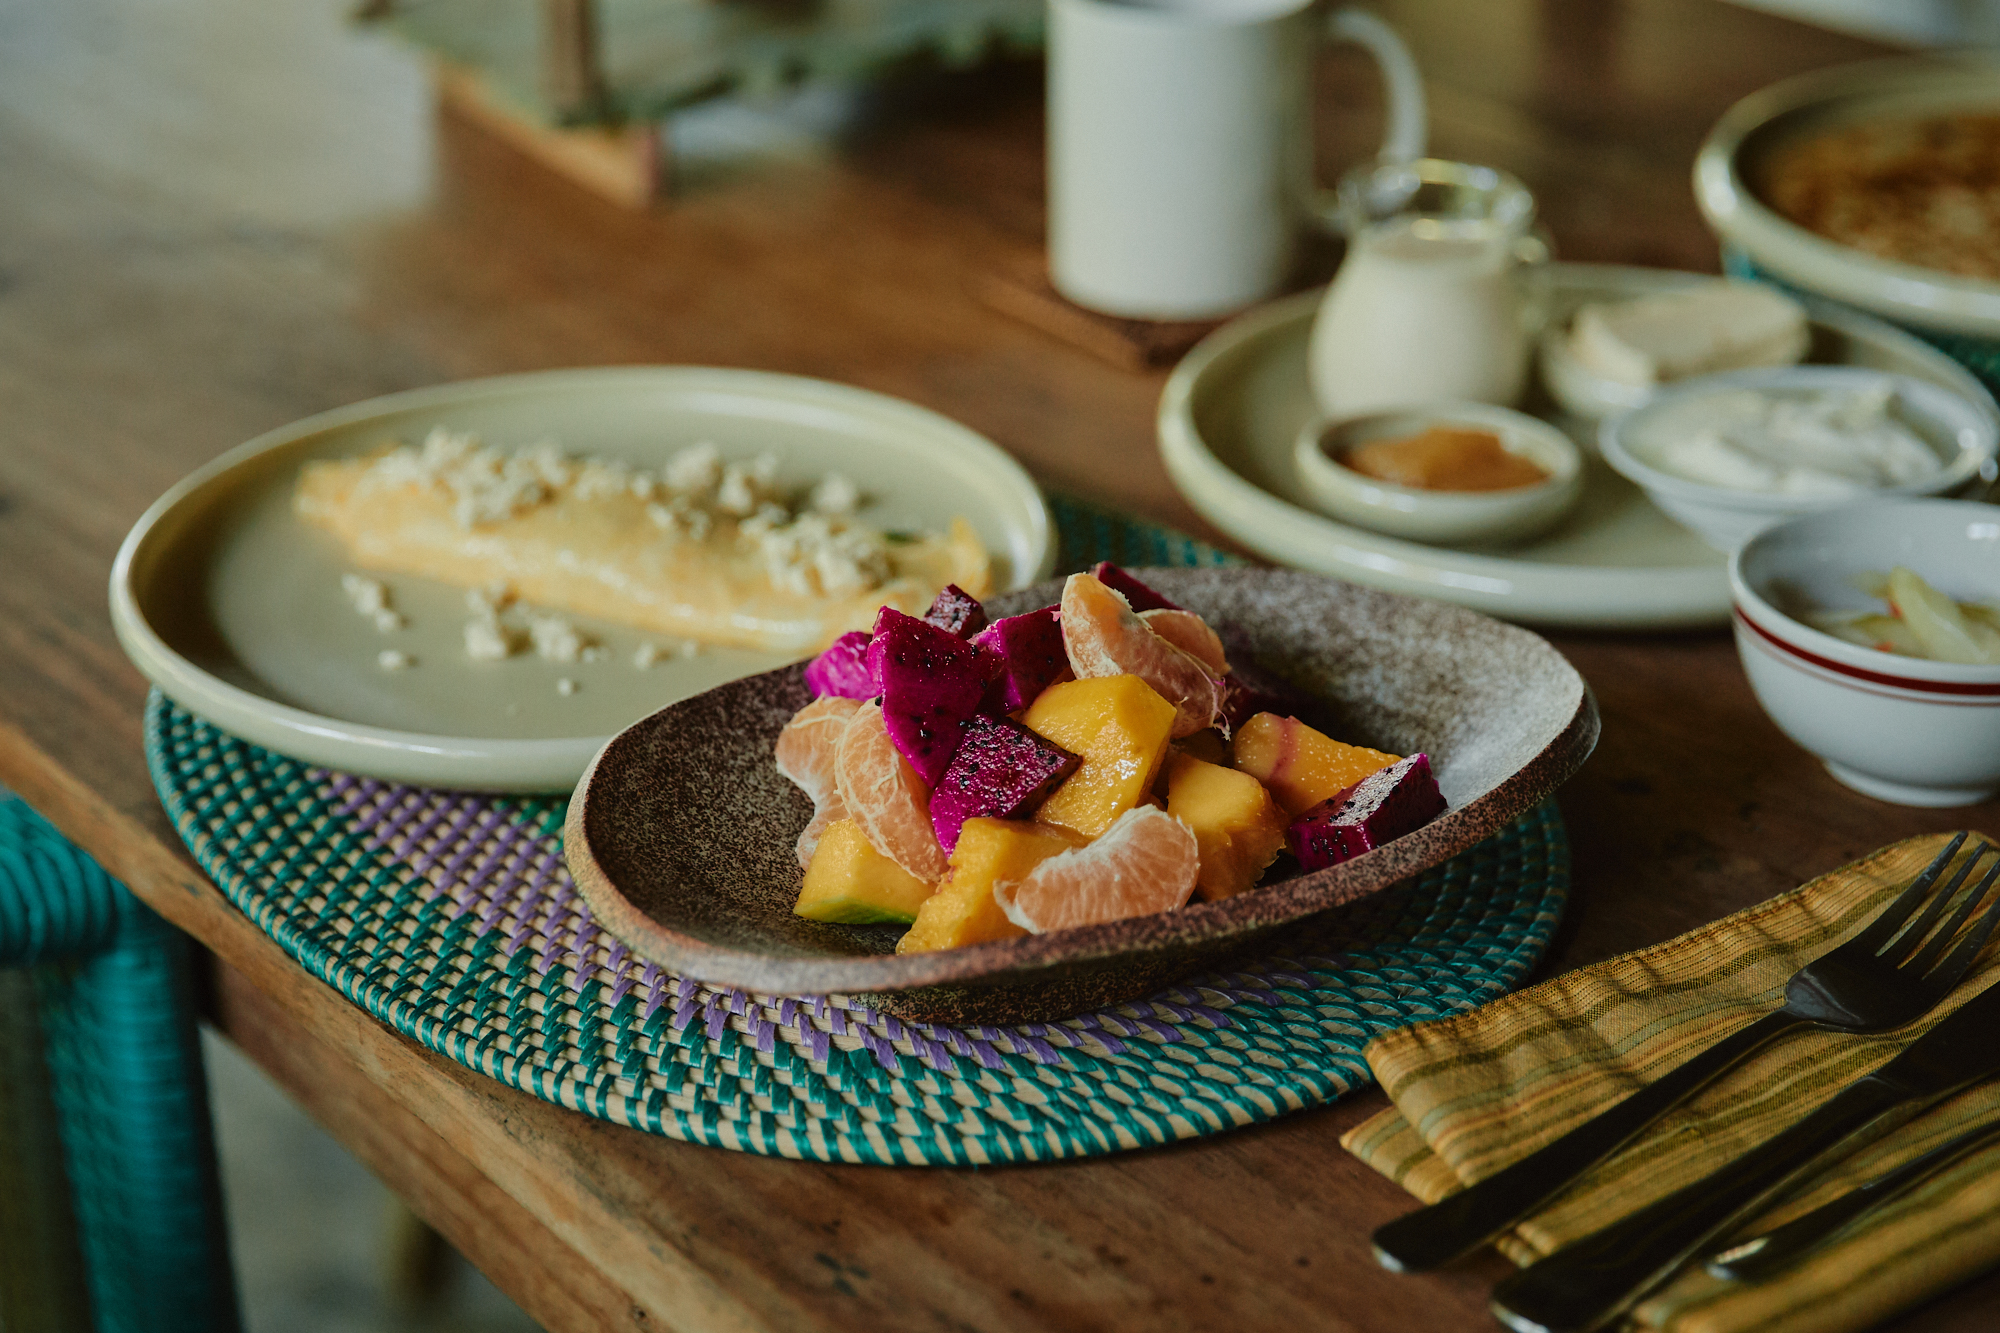 朝食はビラのキッチンにMadeとMadeが来てくれて作ってくれる。フルーツサラダと、卵料理、パンと、ドリンク。シンプルなんだけど美味しい…シンプルだから美味しい?近隣の朝食はいくつか試してみたけどやっぱりMadeMadeが一番。最高だ。人生一番の朝食だ。